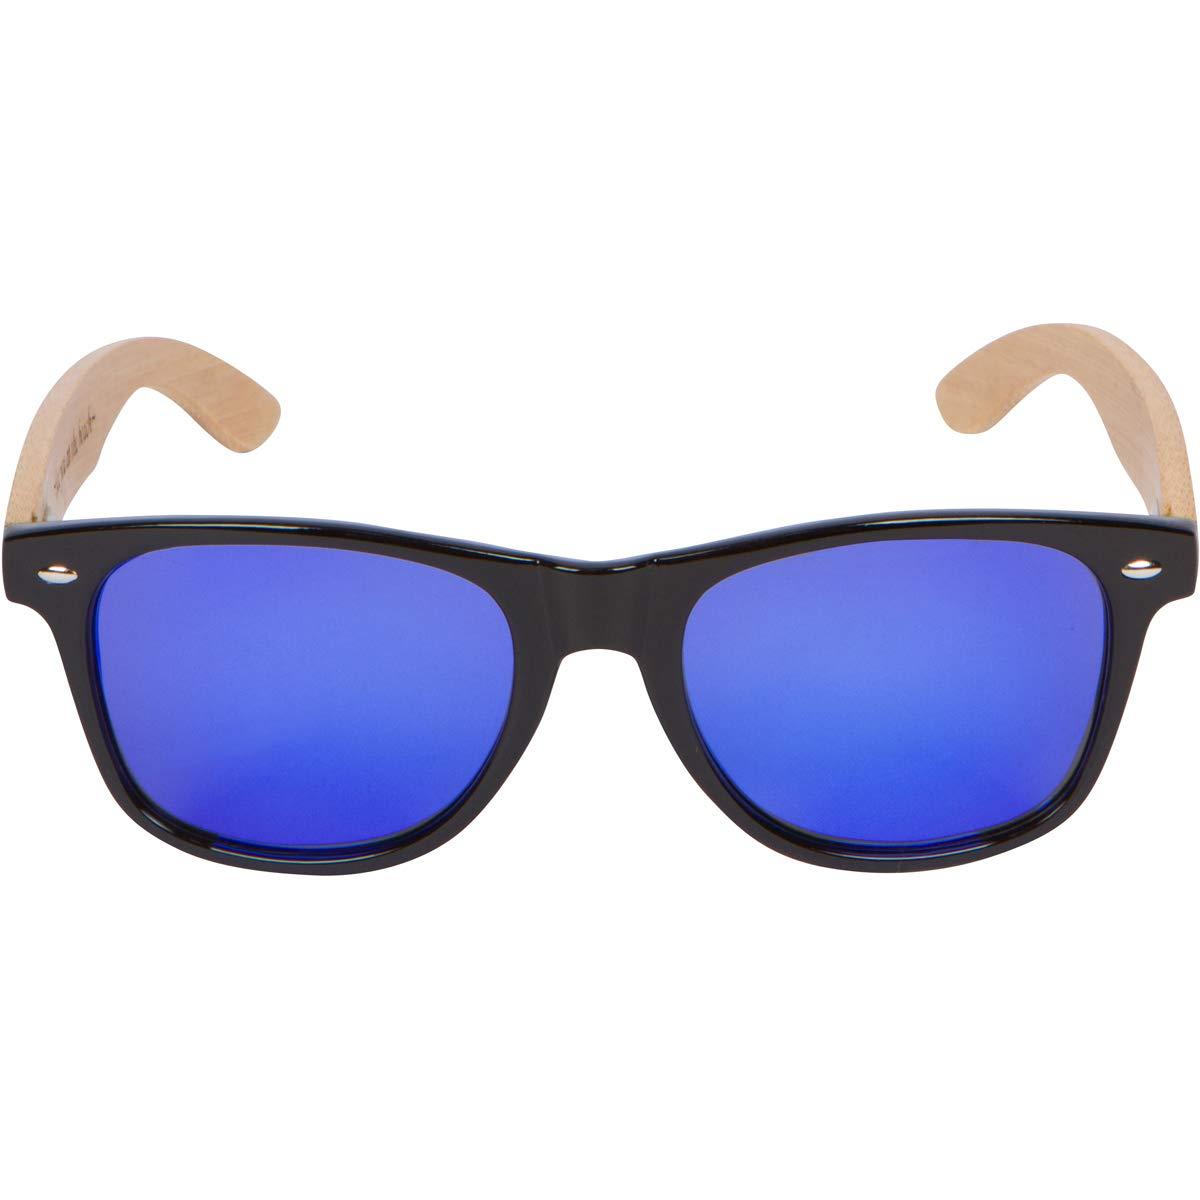 Amazon.com: WOODIES - Gafas de sol de madera de bambú con ...